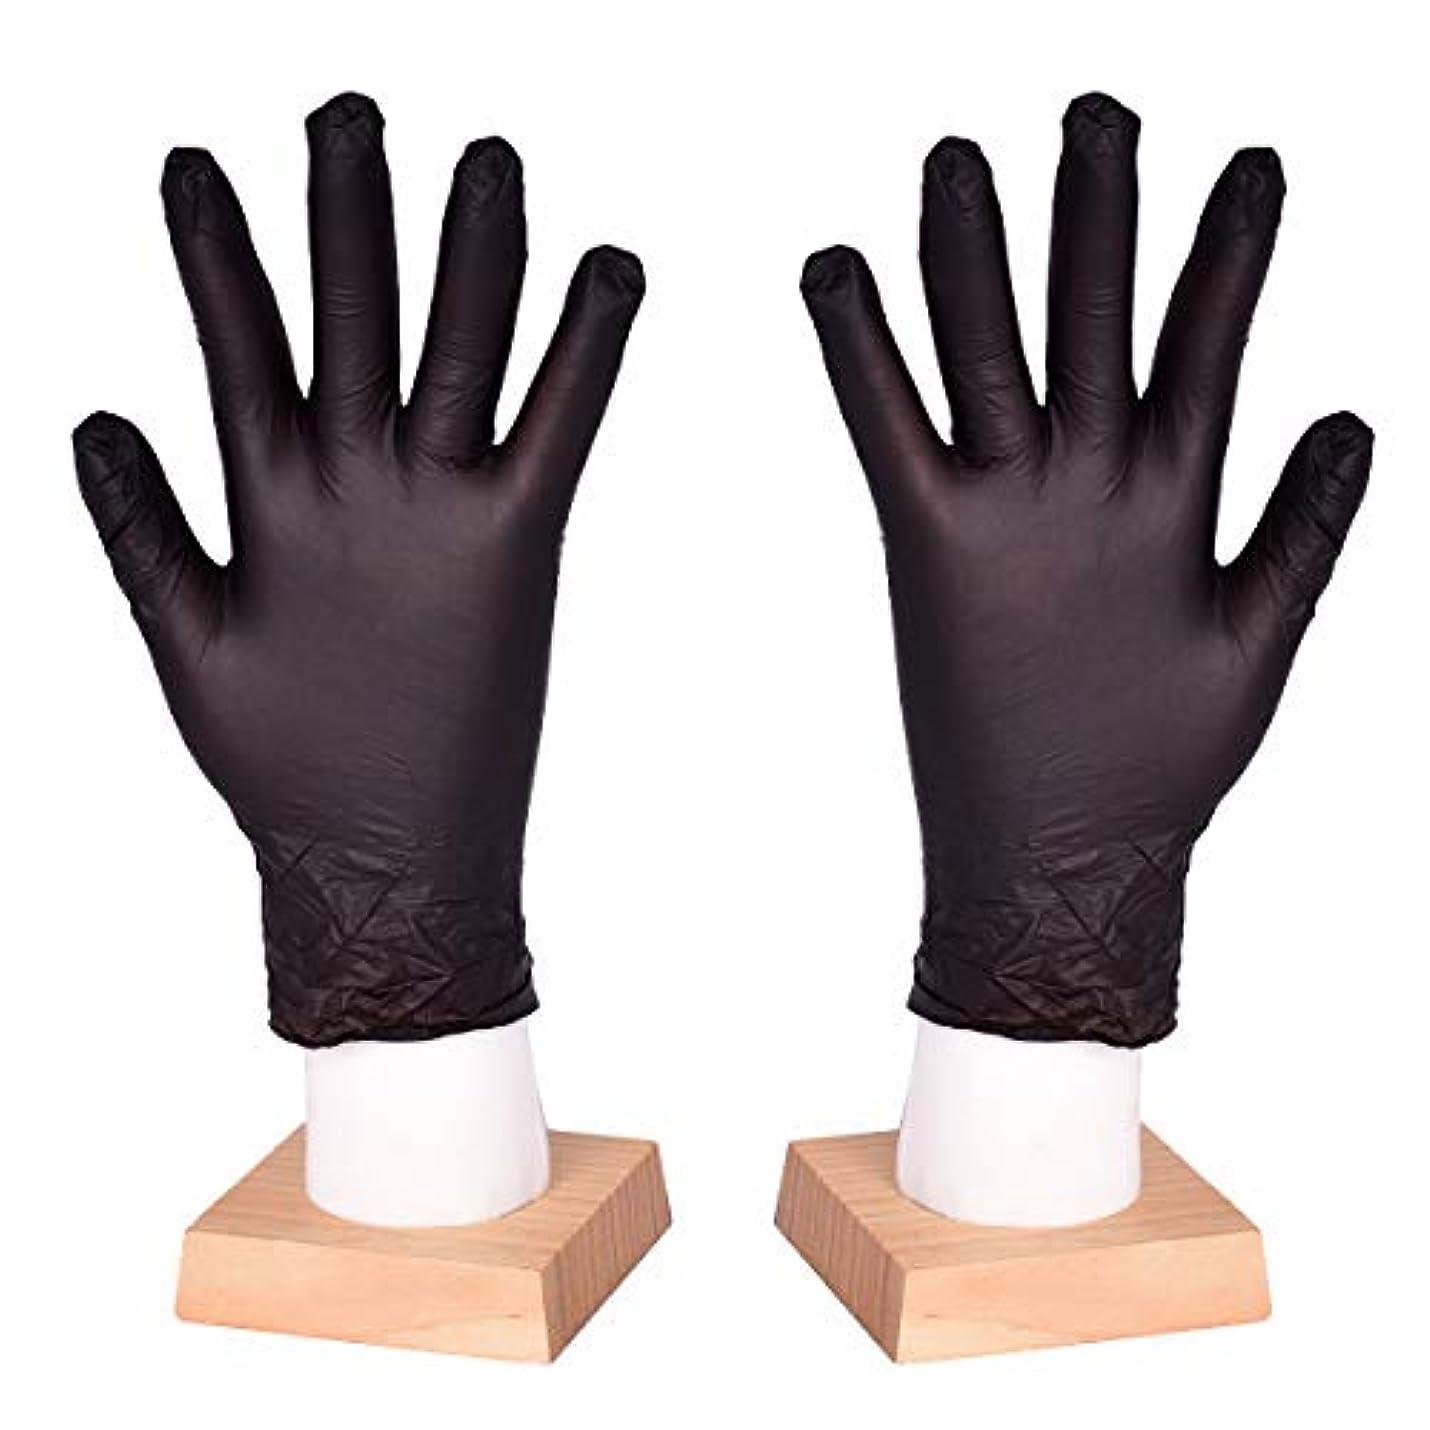 永久に韓国語マーカー[FJTK]使い捨て手袋 滑りにくい 超弾性 多用途 黒 100枚入 (S)